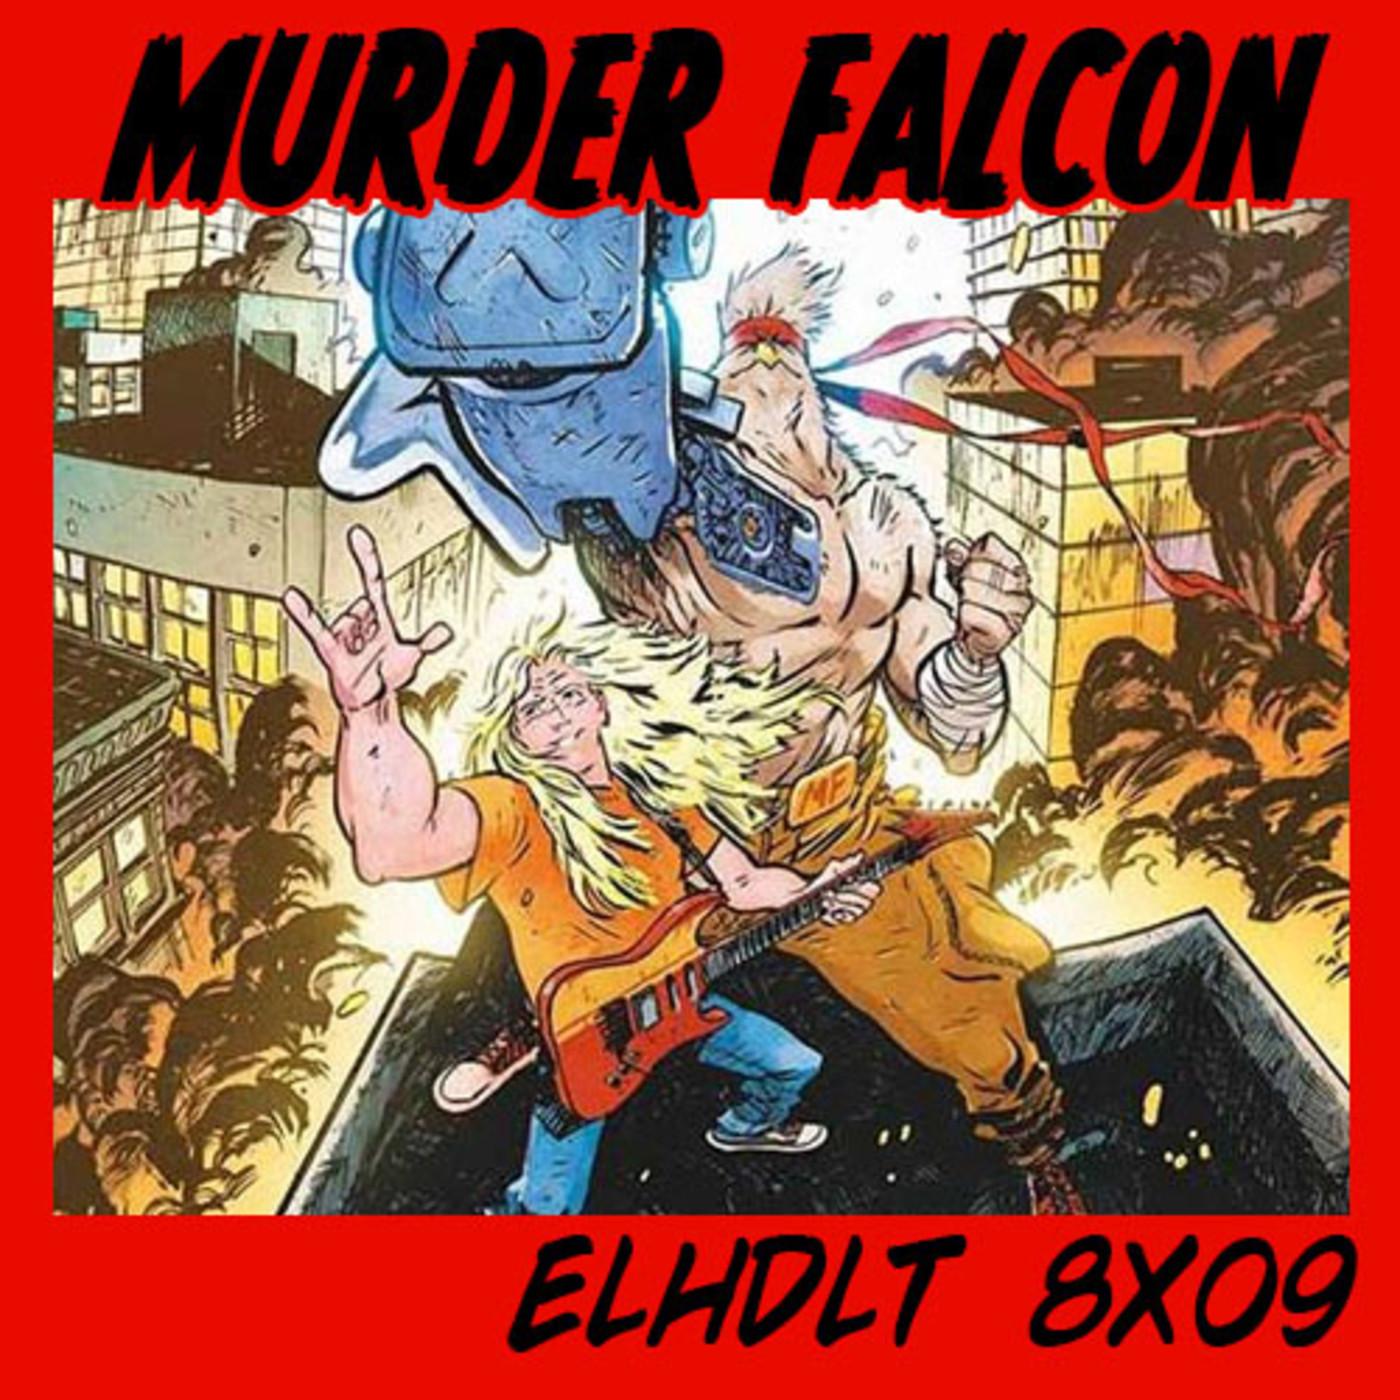 [ELHDLT] 8x09 Las canciones de Murder Falcon